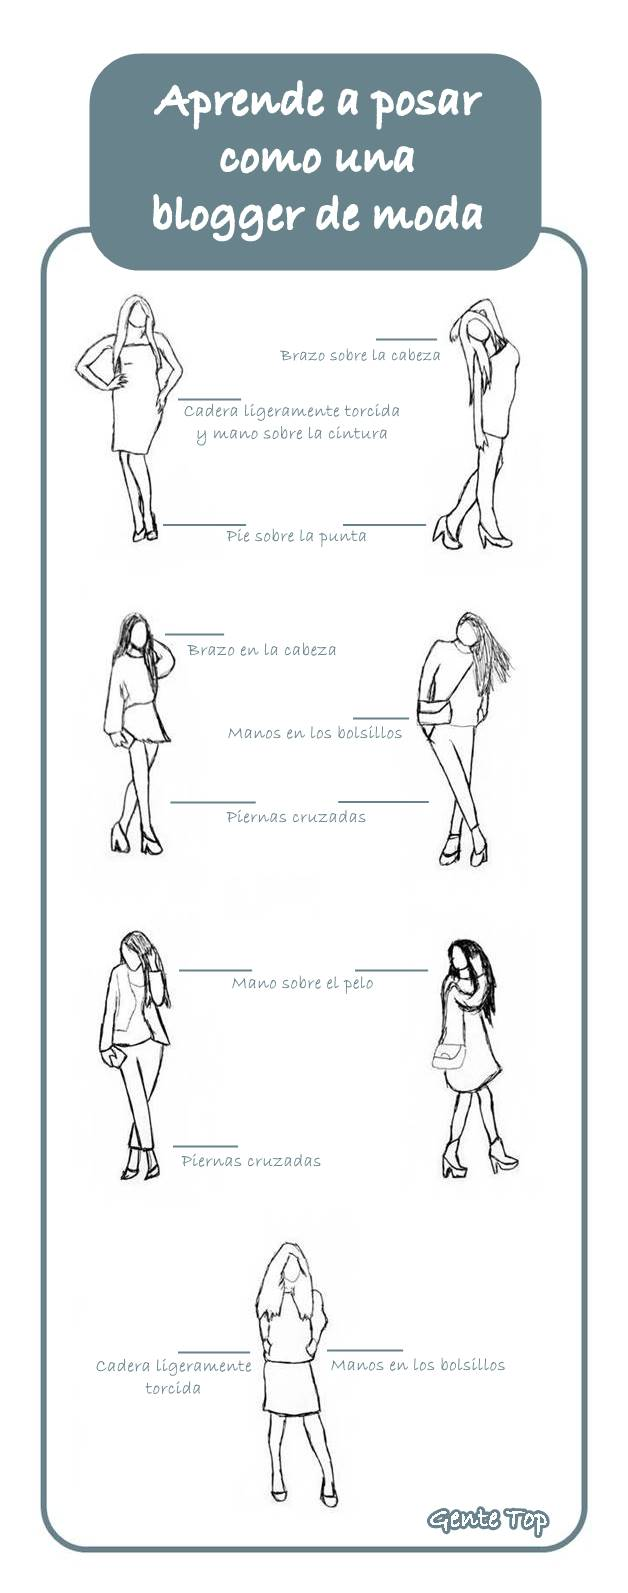 poses aprender posar como blogger de moda